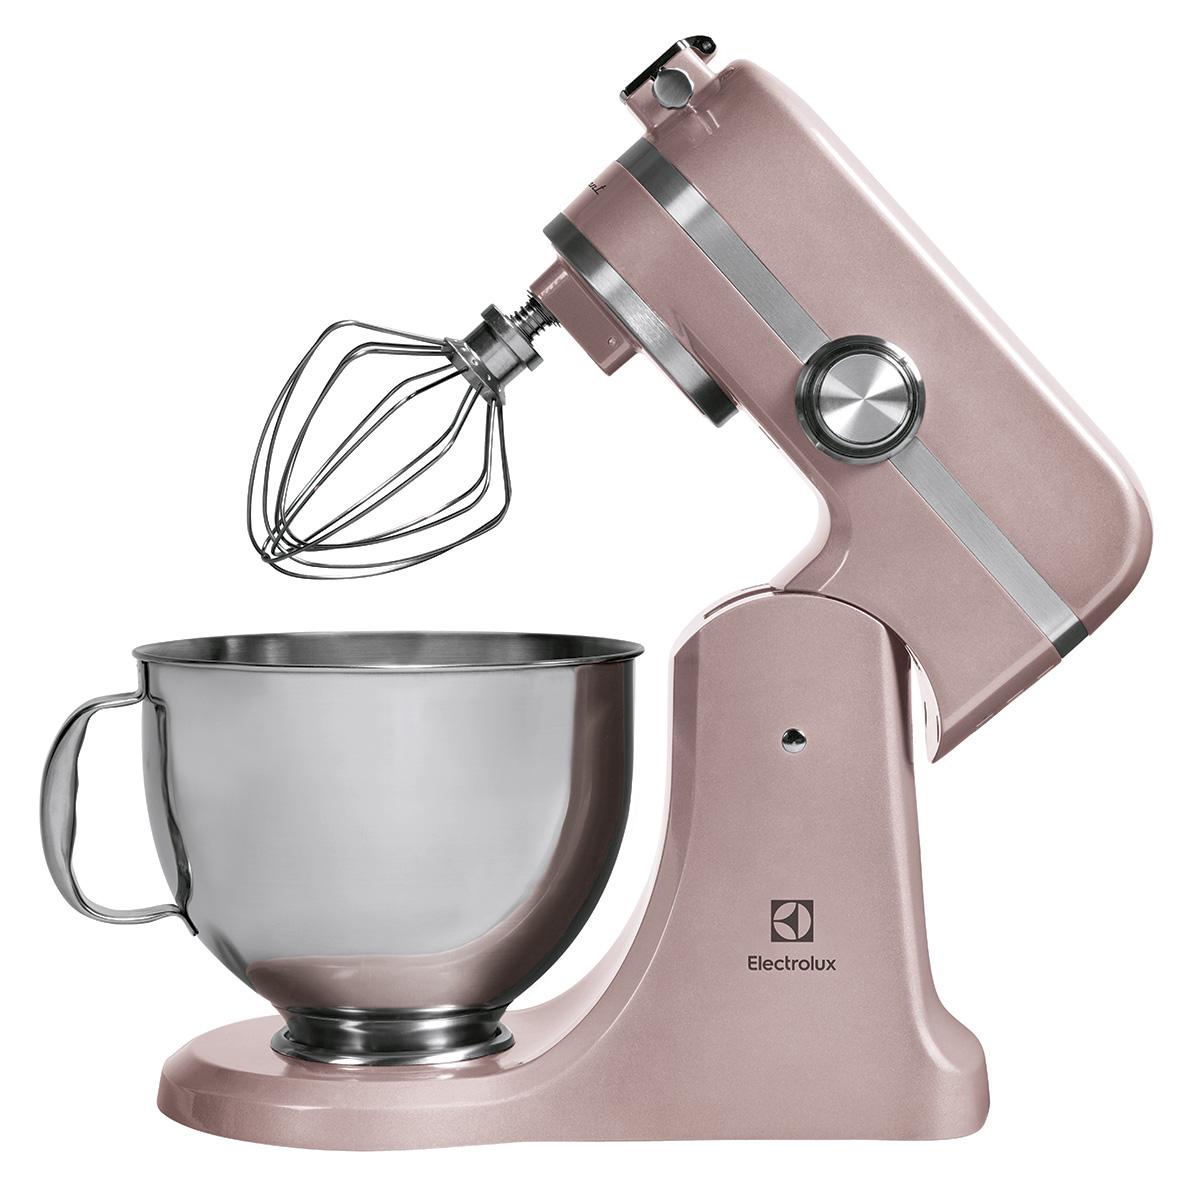 Image of   Electrolux køkkenmaskine - Assistent - Pearl rose